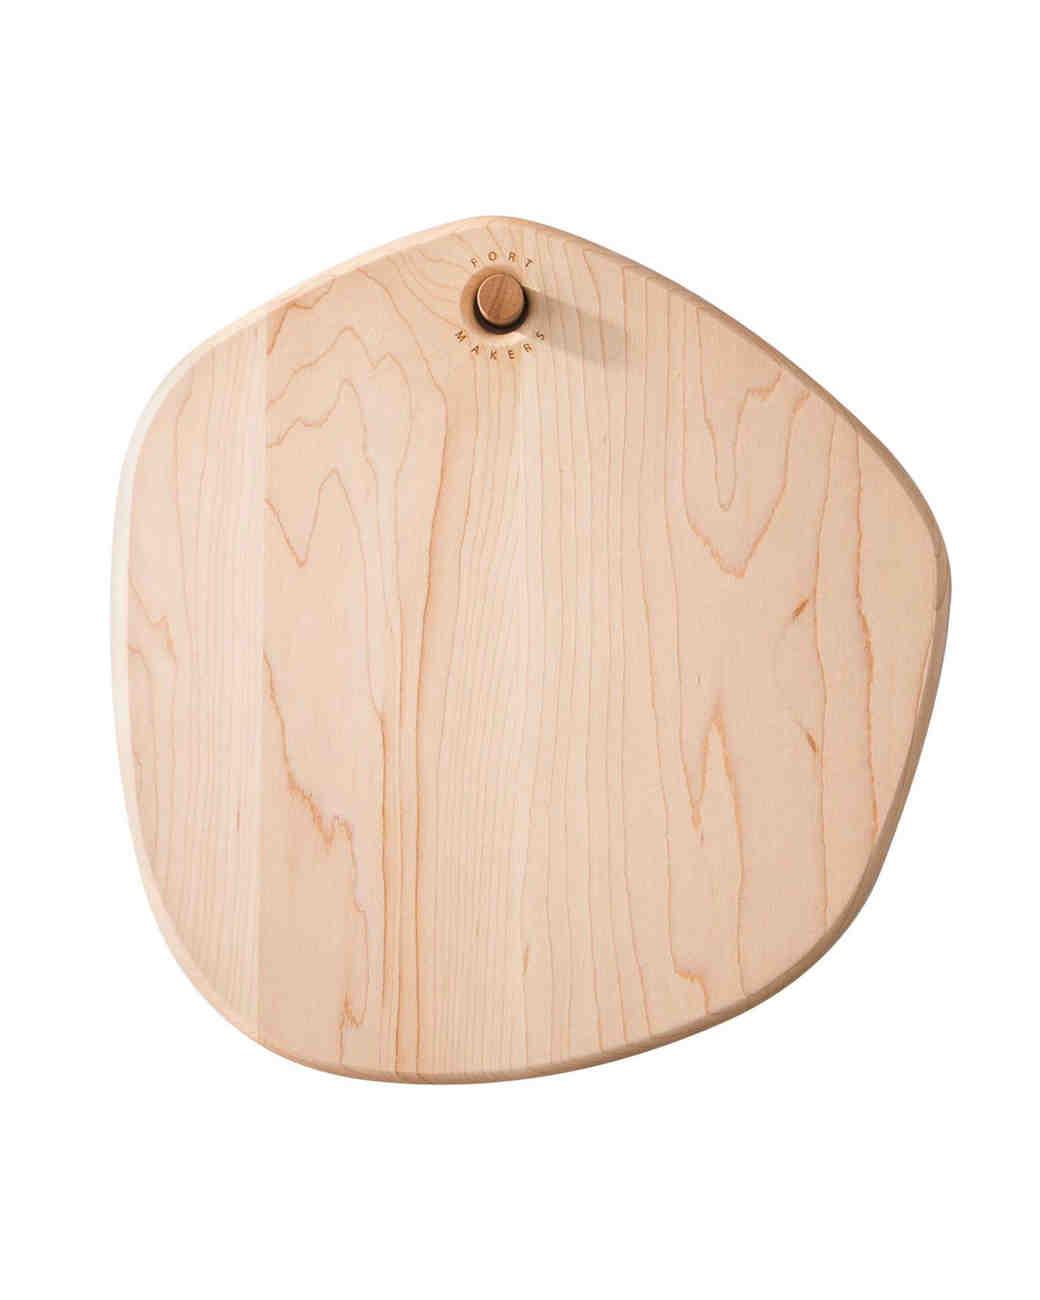 hand crafted asymmetrical cutting board